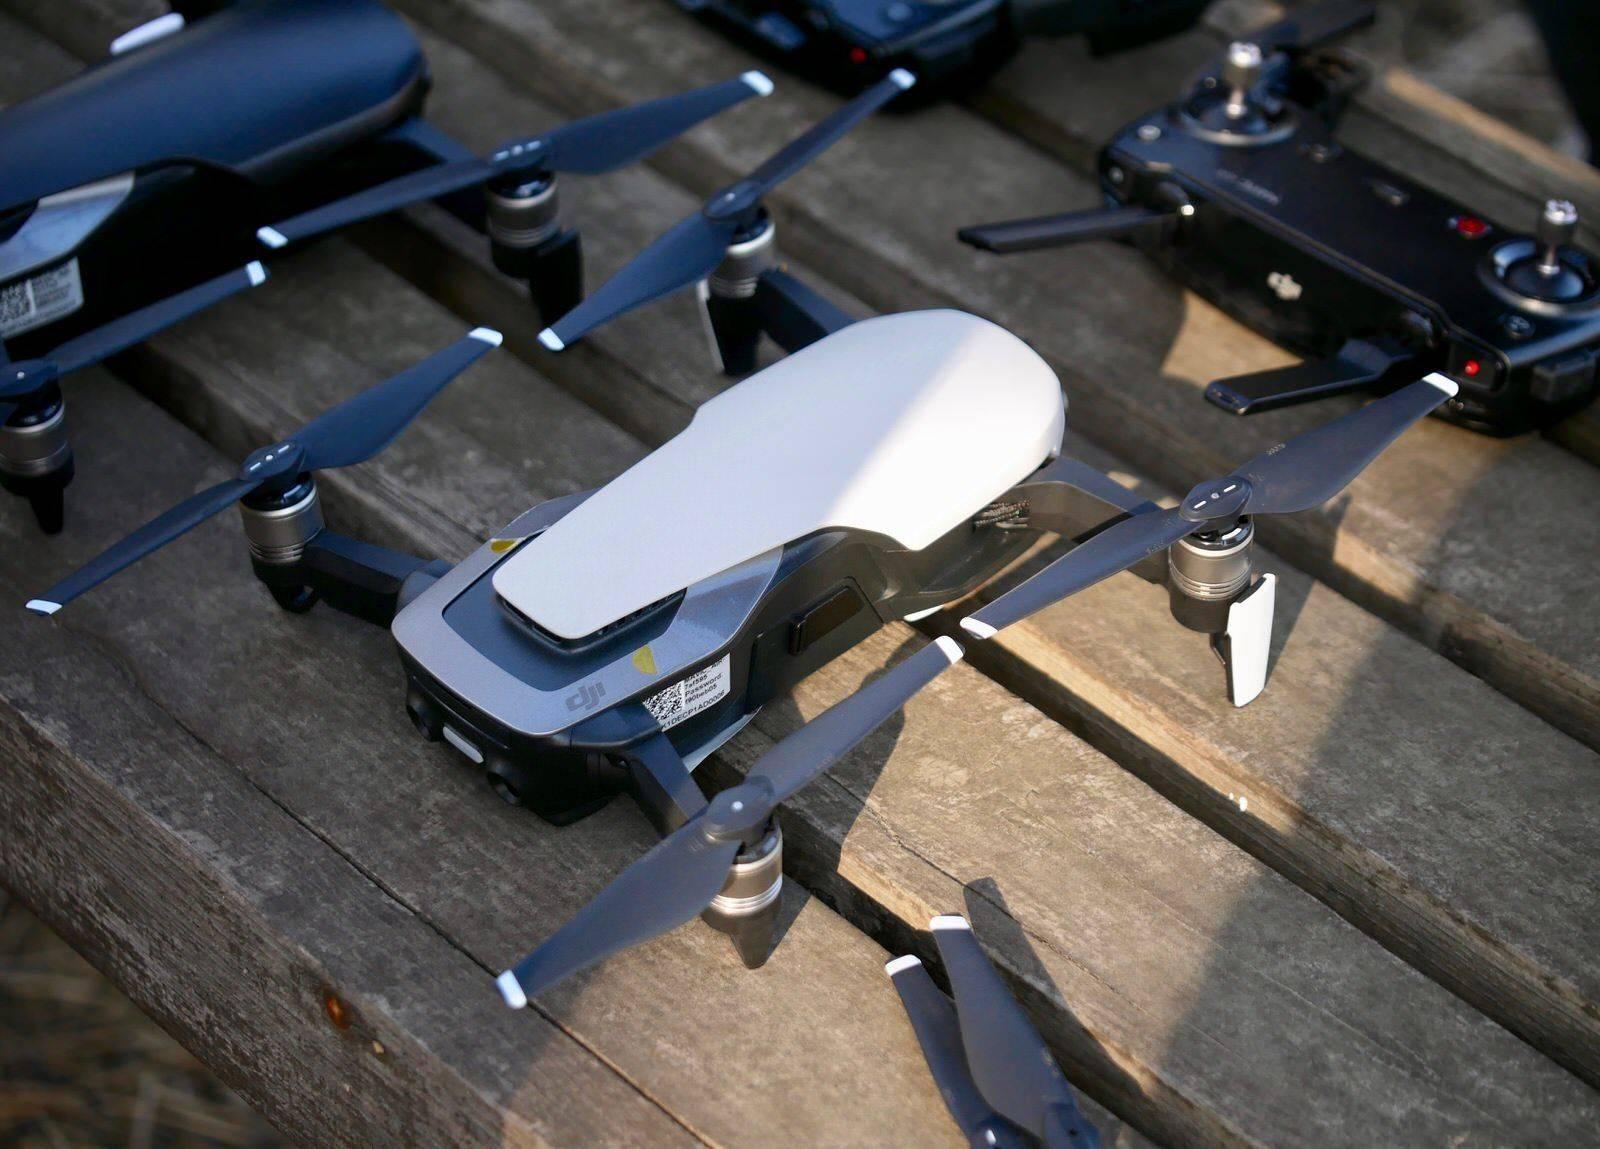 无人机应该持证飞行吗?无人机归谁管?